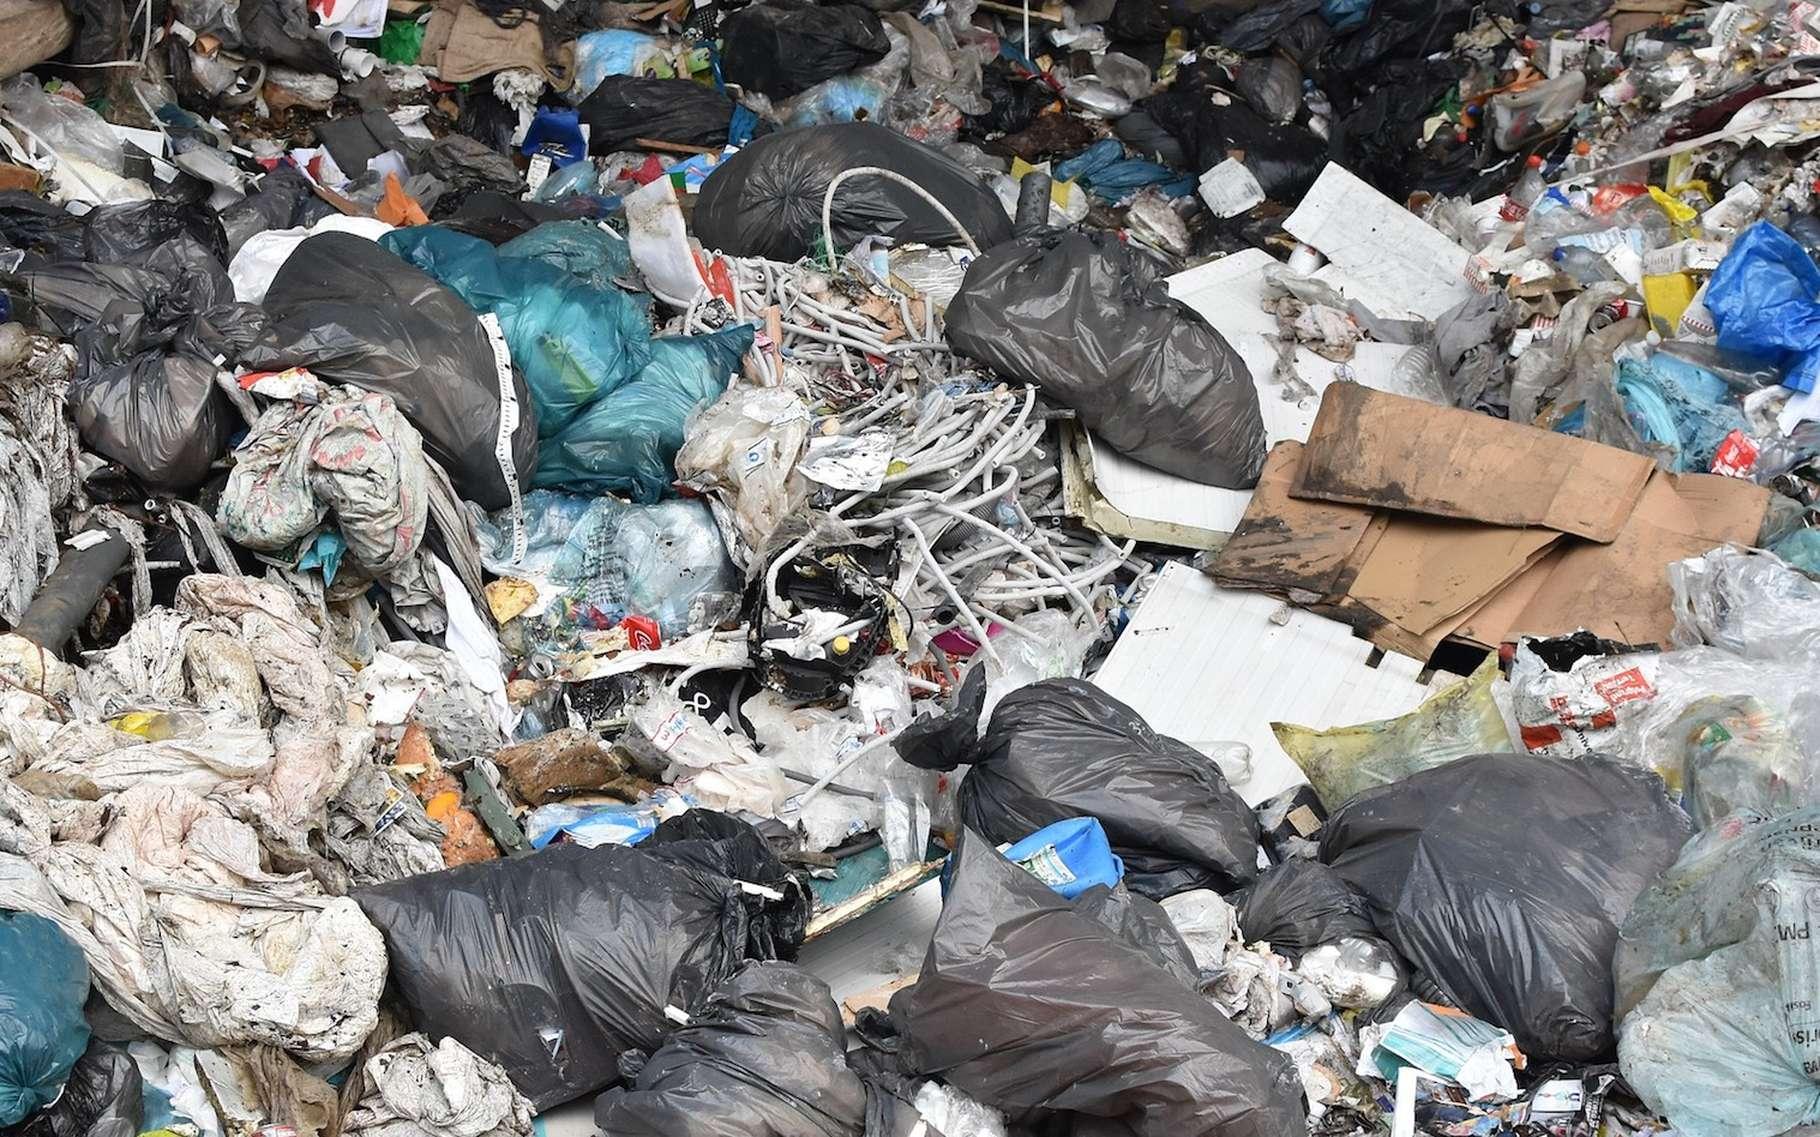 Aujourd'hui, fini — en principe — les décharges sauvages. Nos déchets sont soigneusement collectés et triés avant d'être valorisés ou stockés. © Ben_Kerckx, Pixabay, CC0 Creative Commons